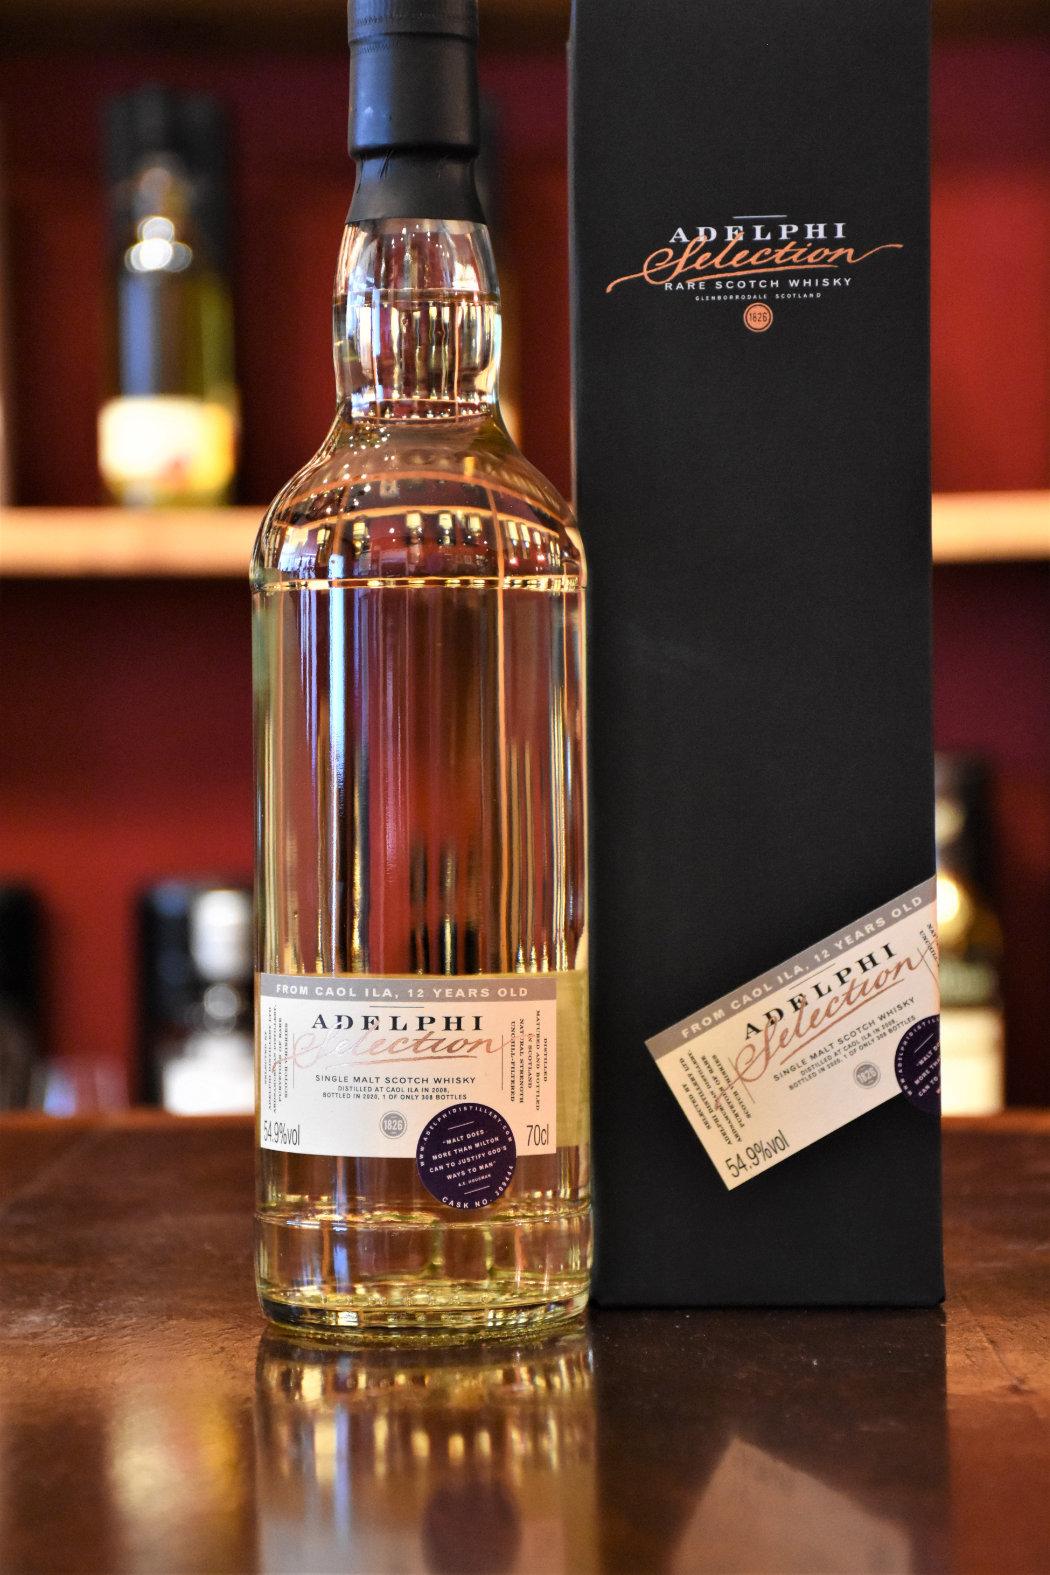 Caol Ila 2008, 12 y.o. - Refill Bourbon Barrel, Fass Nr. 309444, 54,9% Alc.Vol., Adelphi